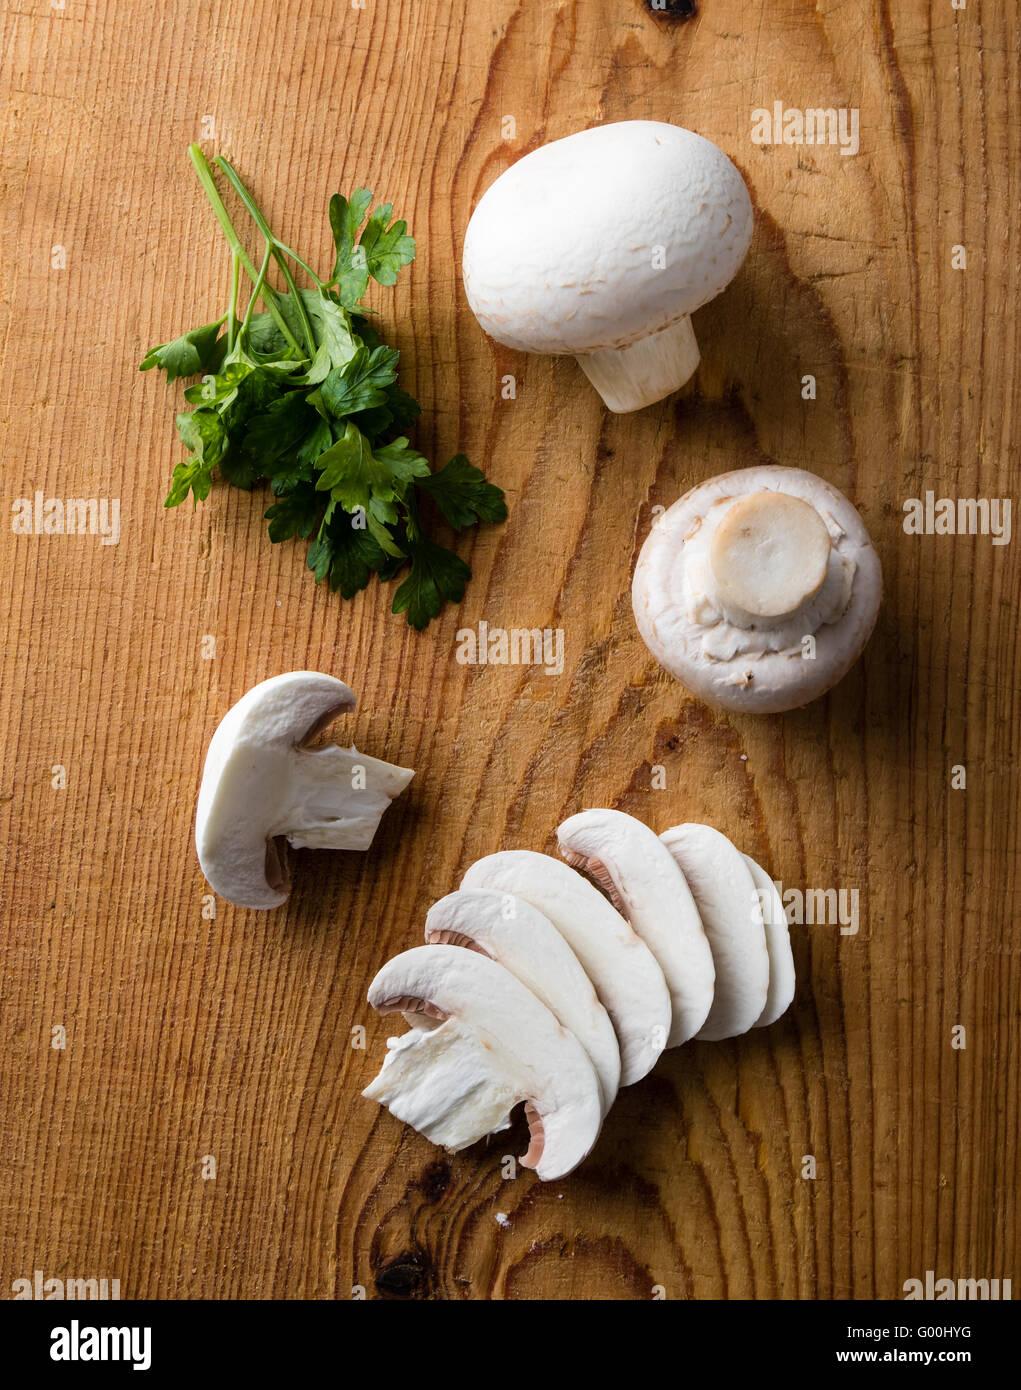 sliced white champignon mushrooms - Stock Image